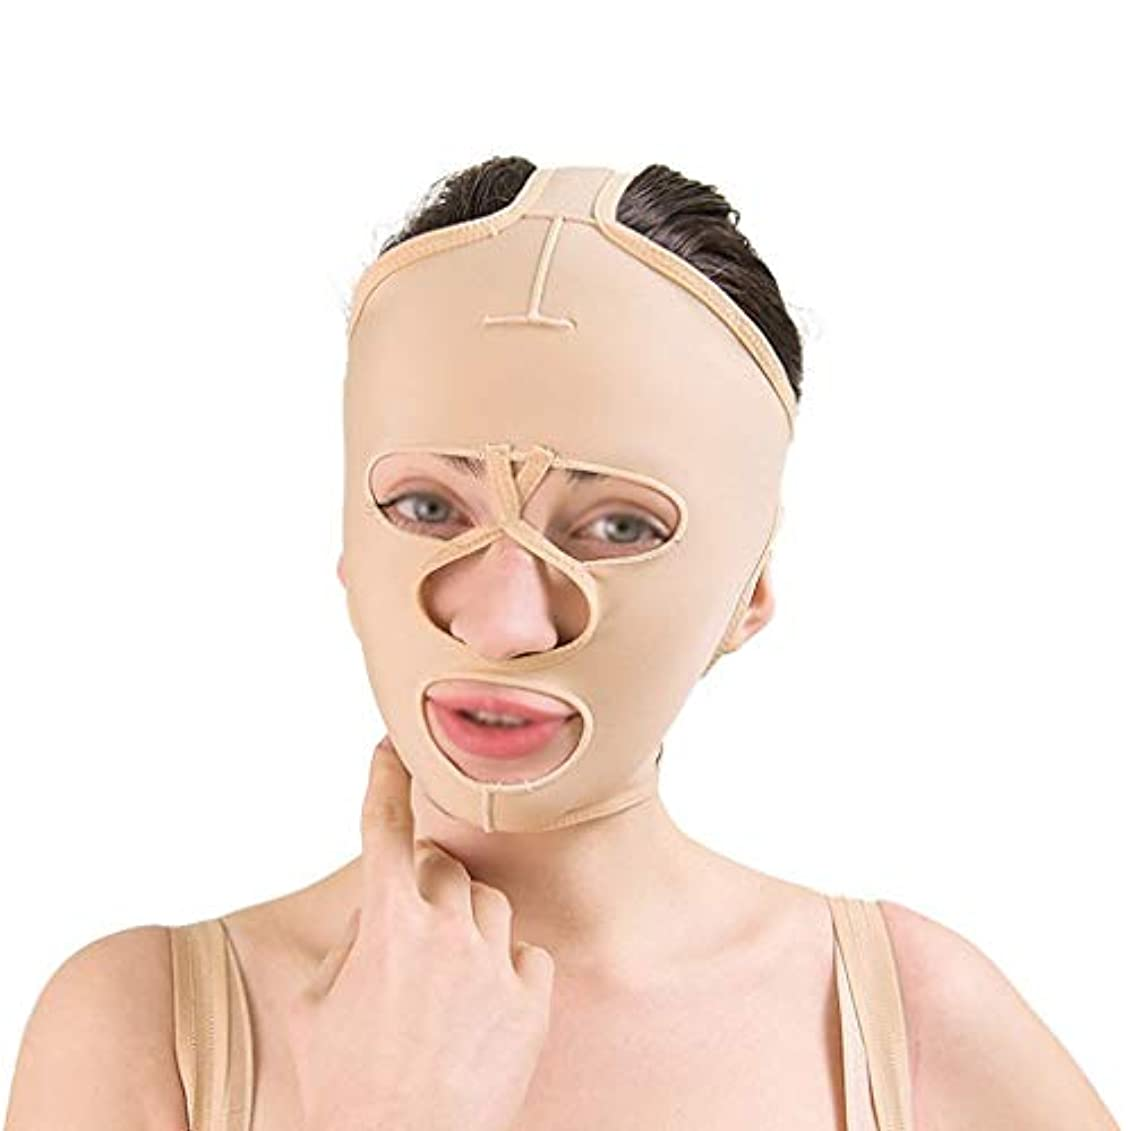 フェイシャルリフティングツール、フェイシャルビューティーリフティングマスク、通気性引き締めリフティングフェイシャル包帯、フェイシャルタイトバンデージ(サイズ:L),M